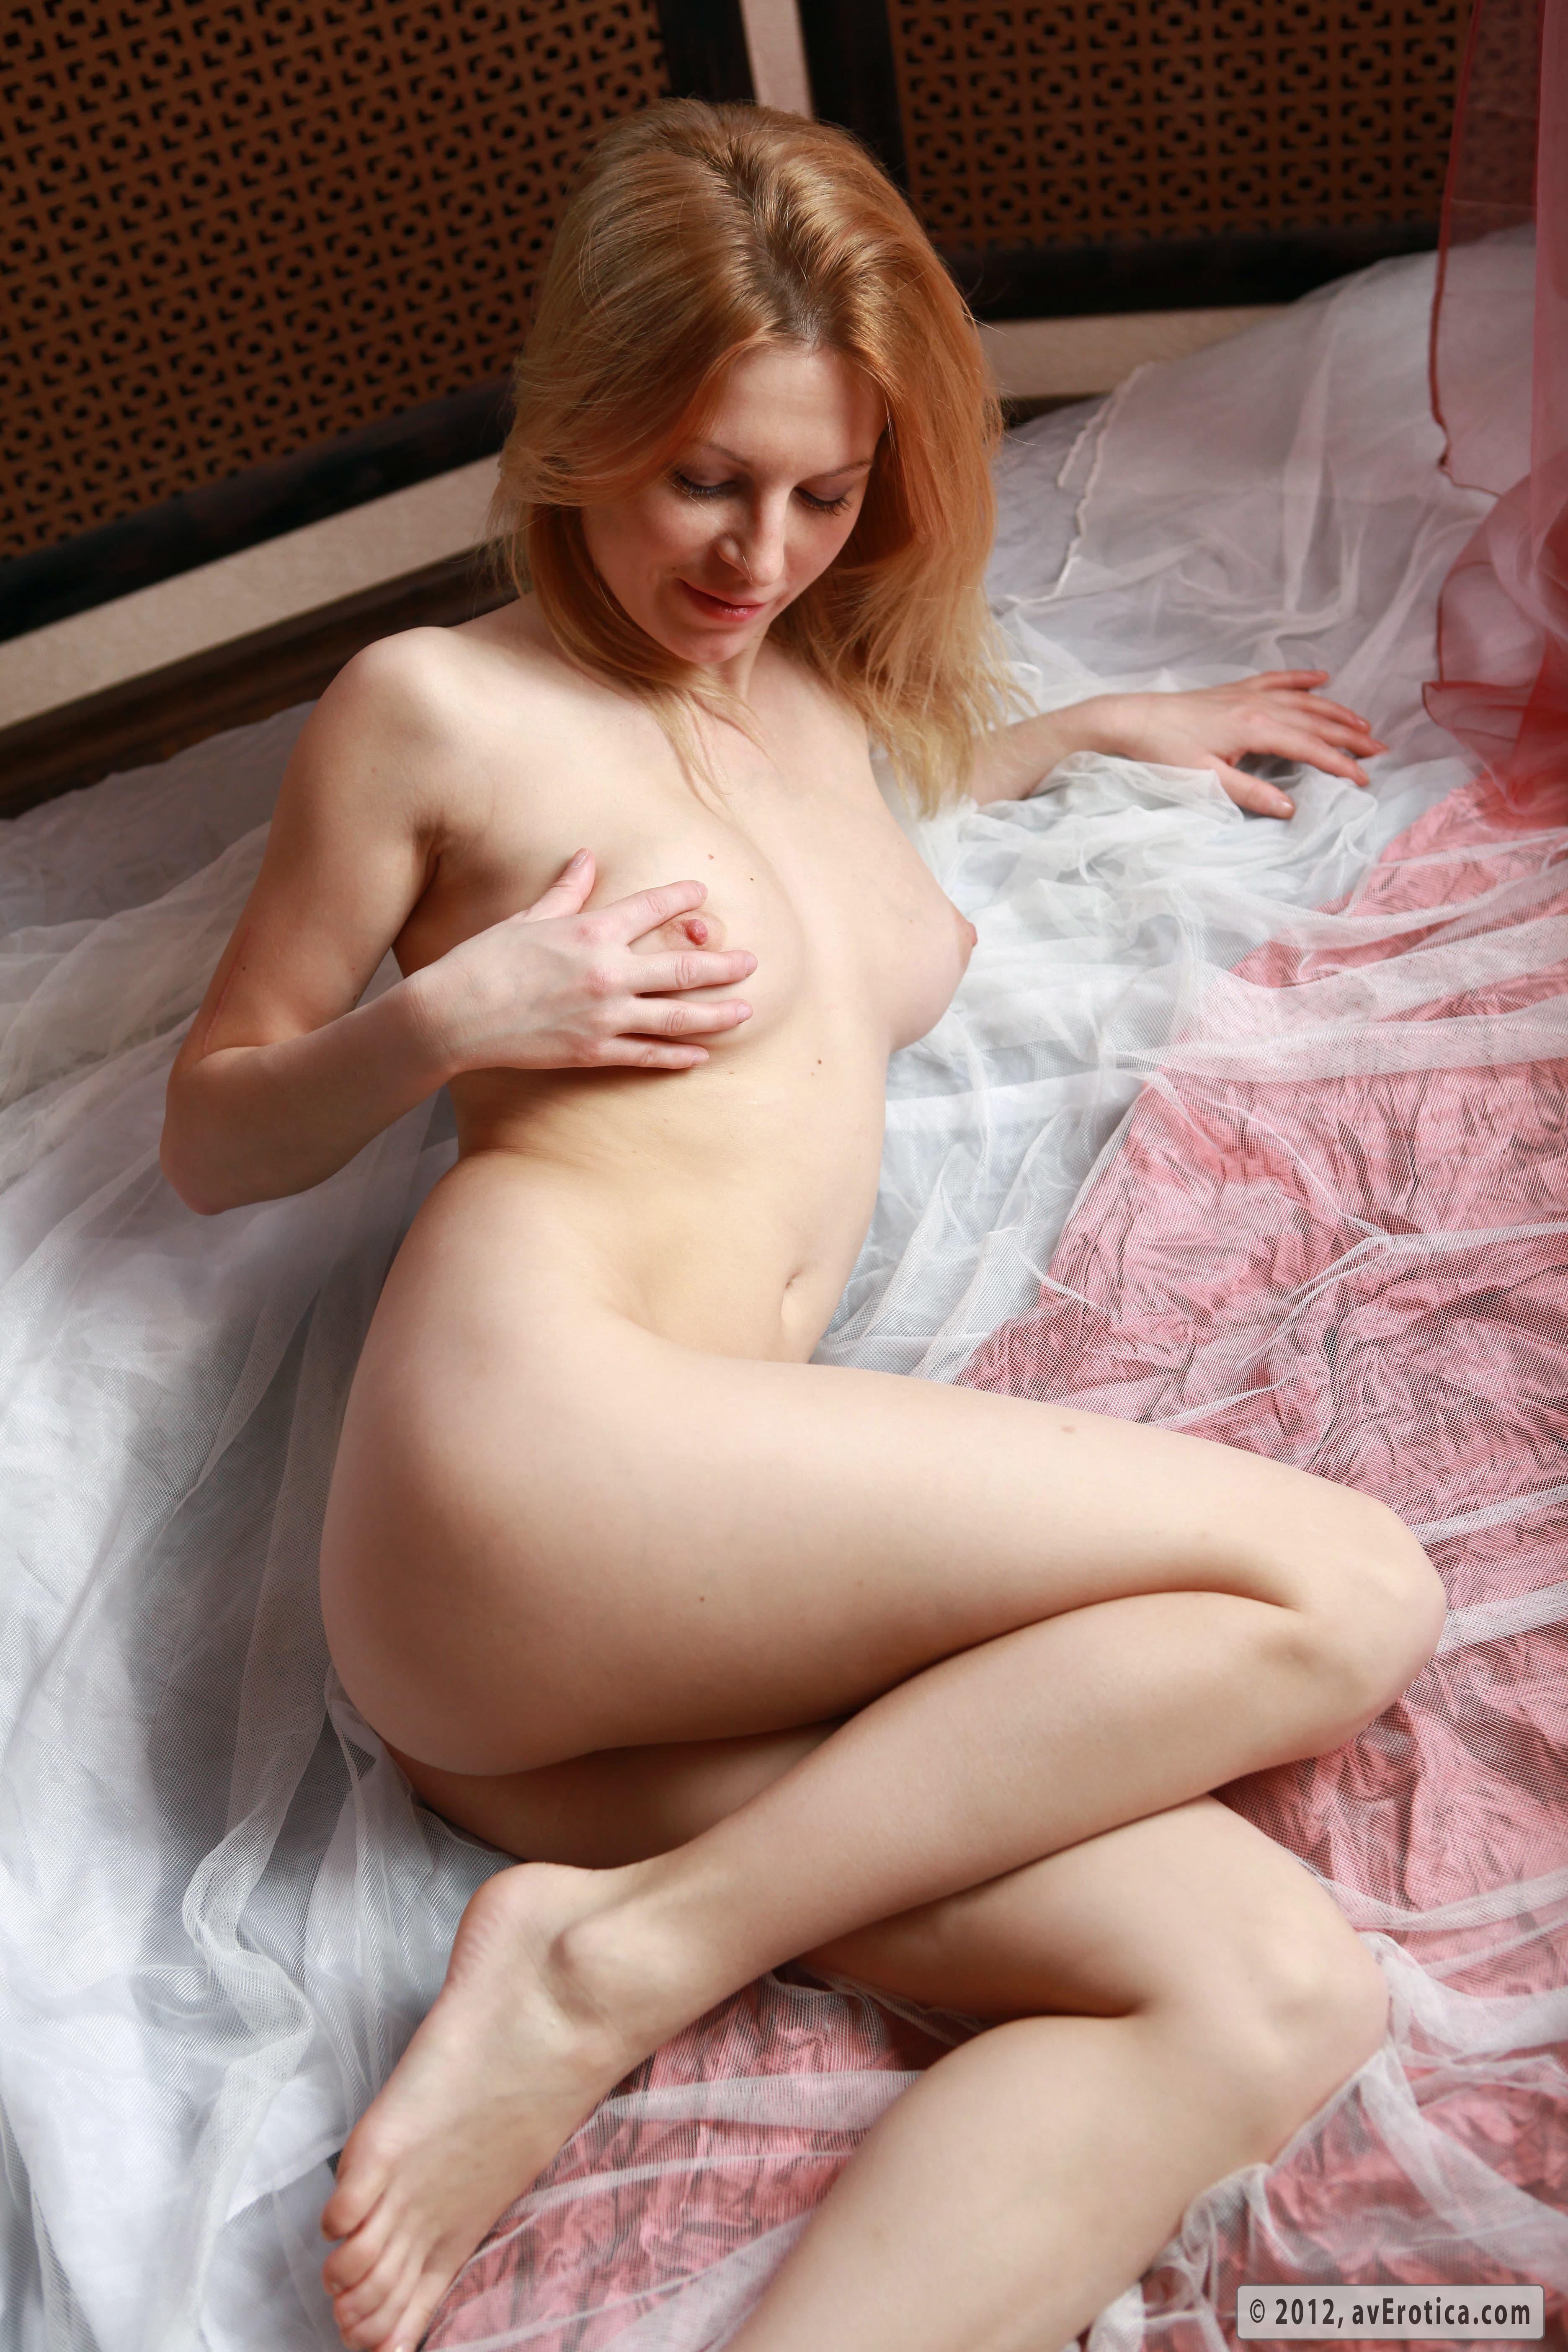 Голая блондинка с упругой жопой на кровати - фото